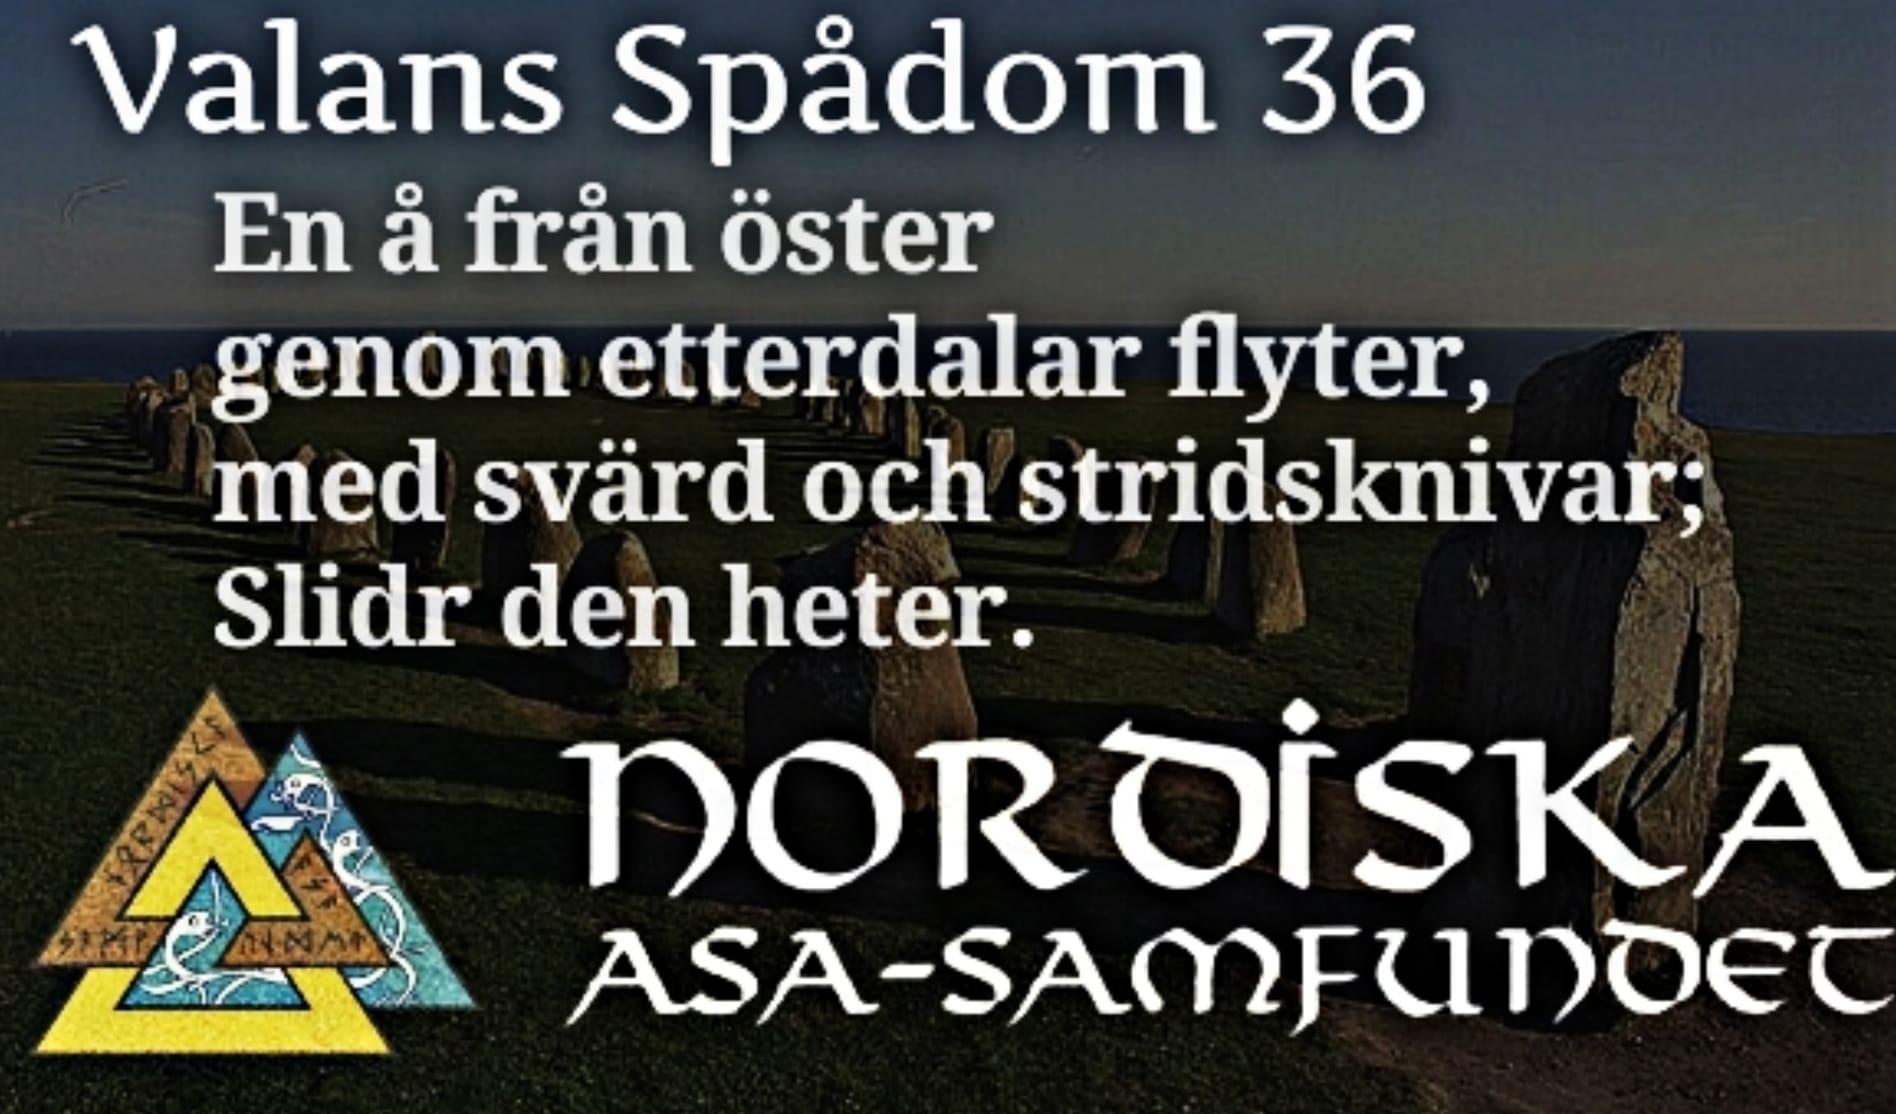 Valans-spadom-voluspa_vers36